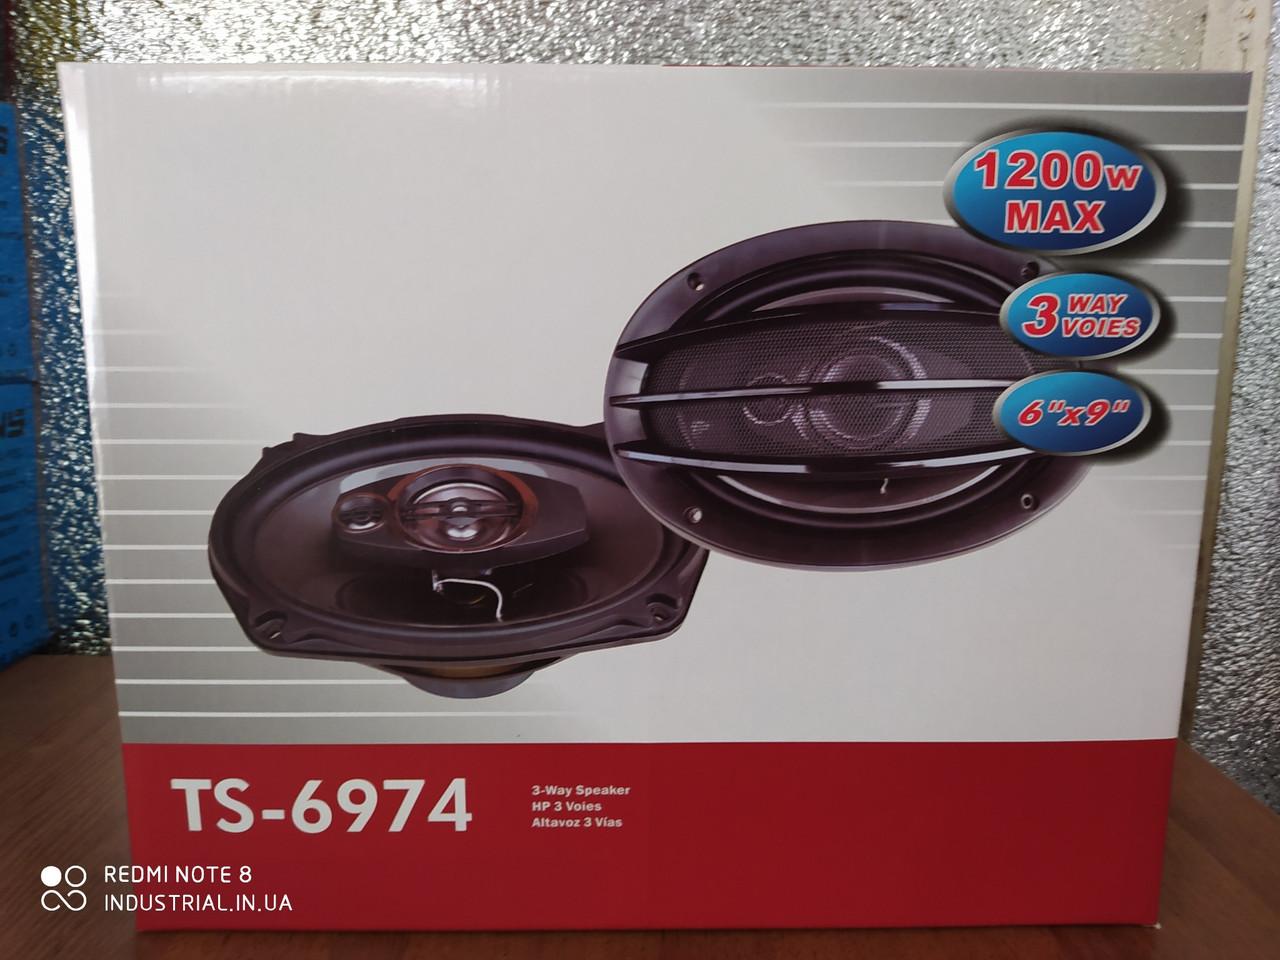 Автоколонки TS-6974 овальные 1200 Вт